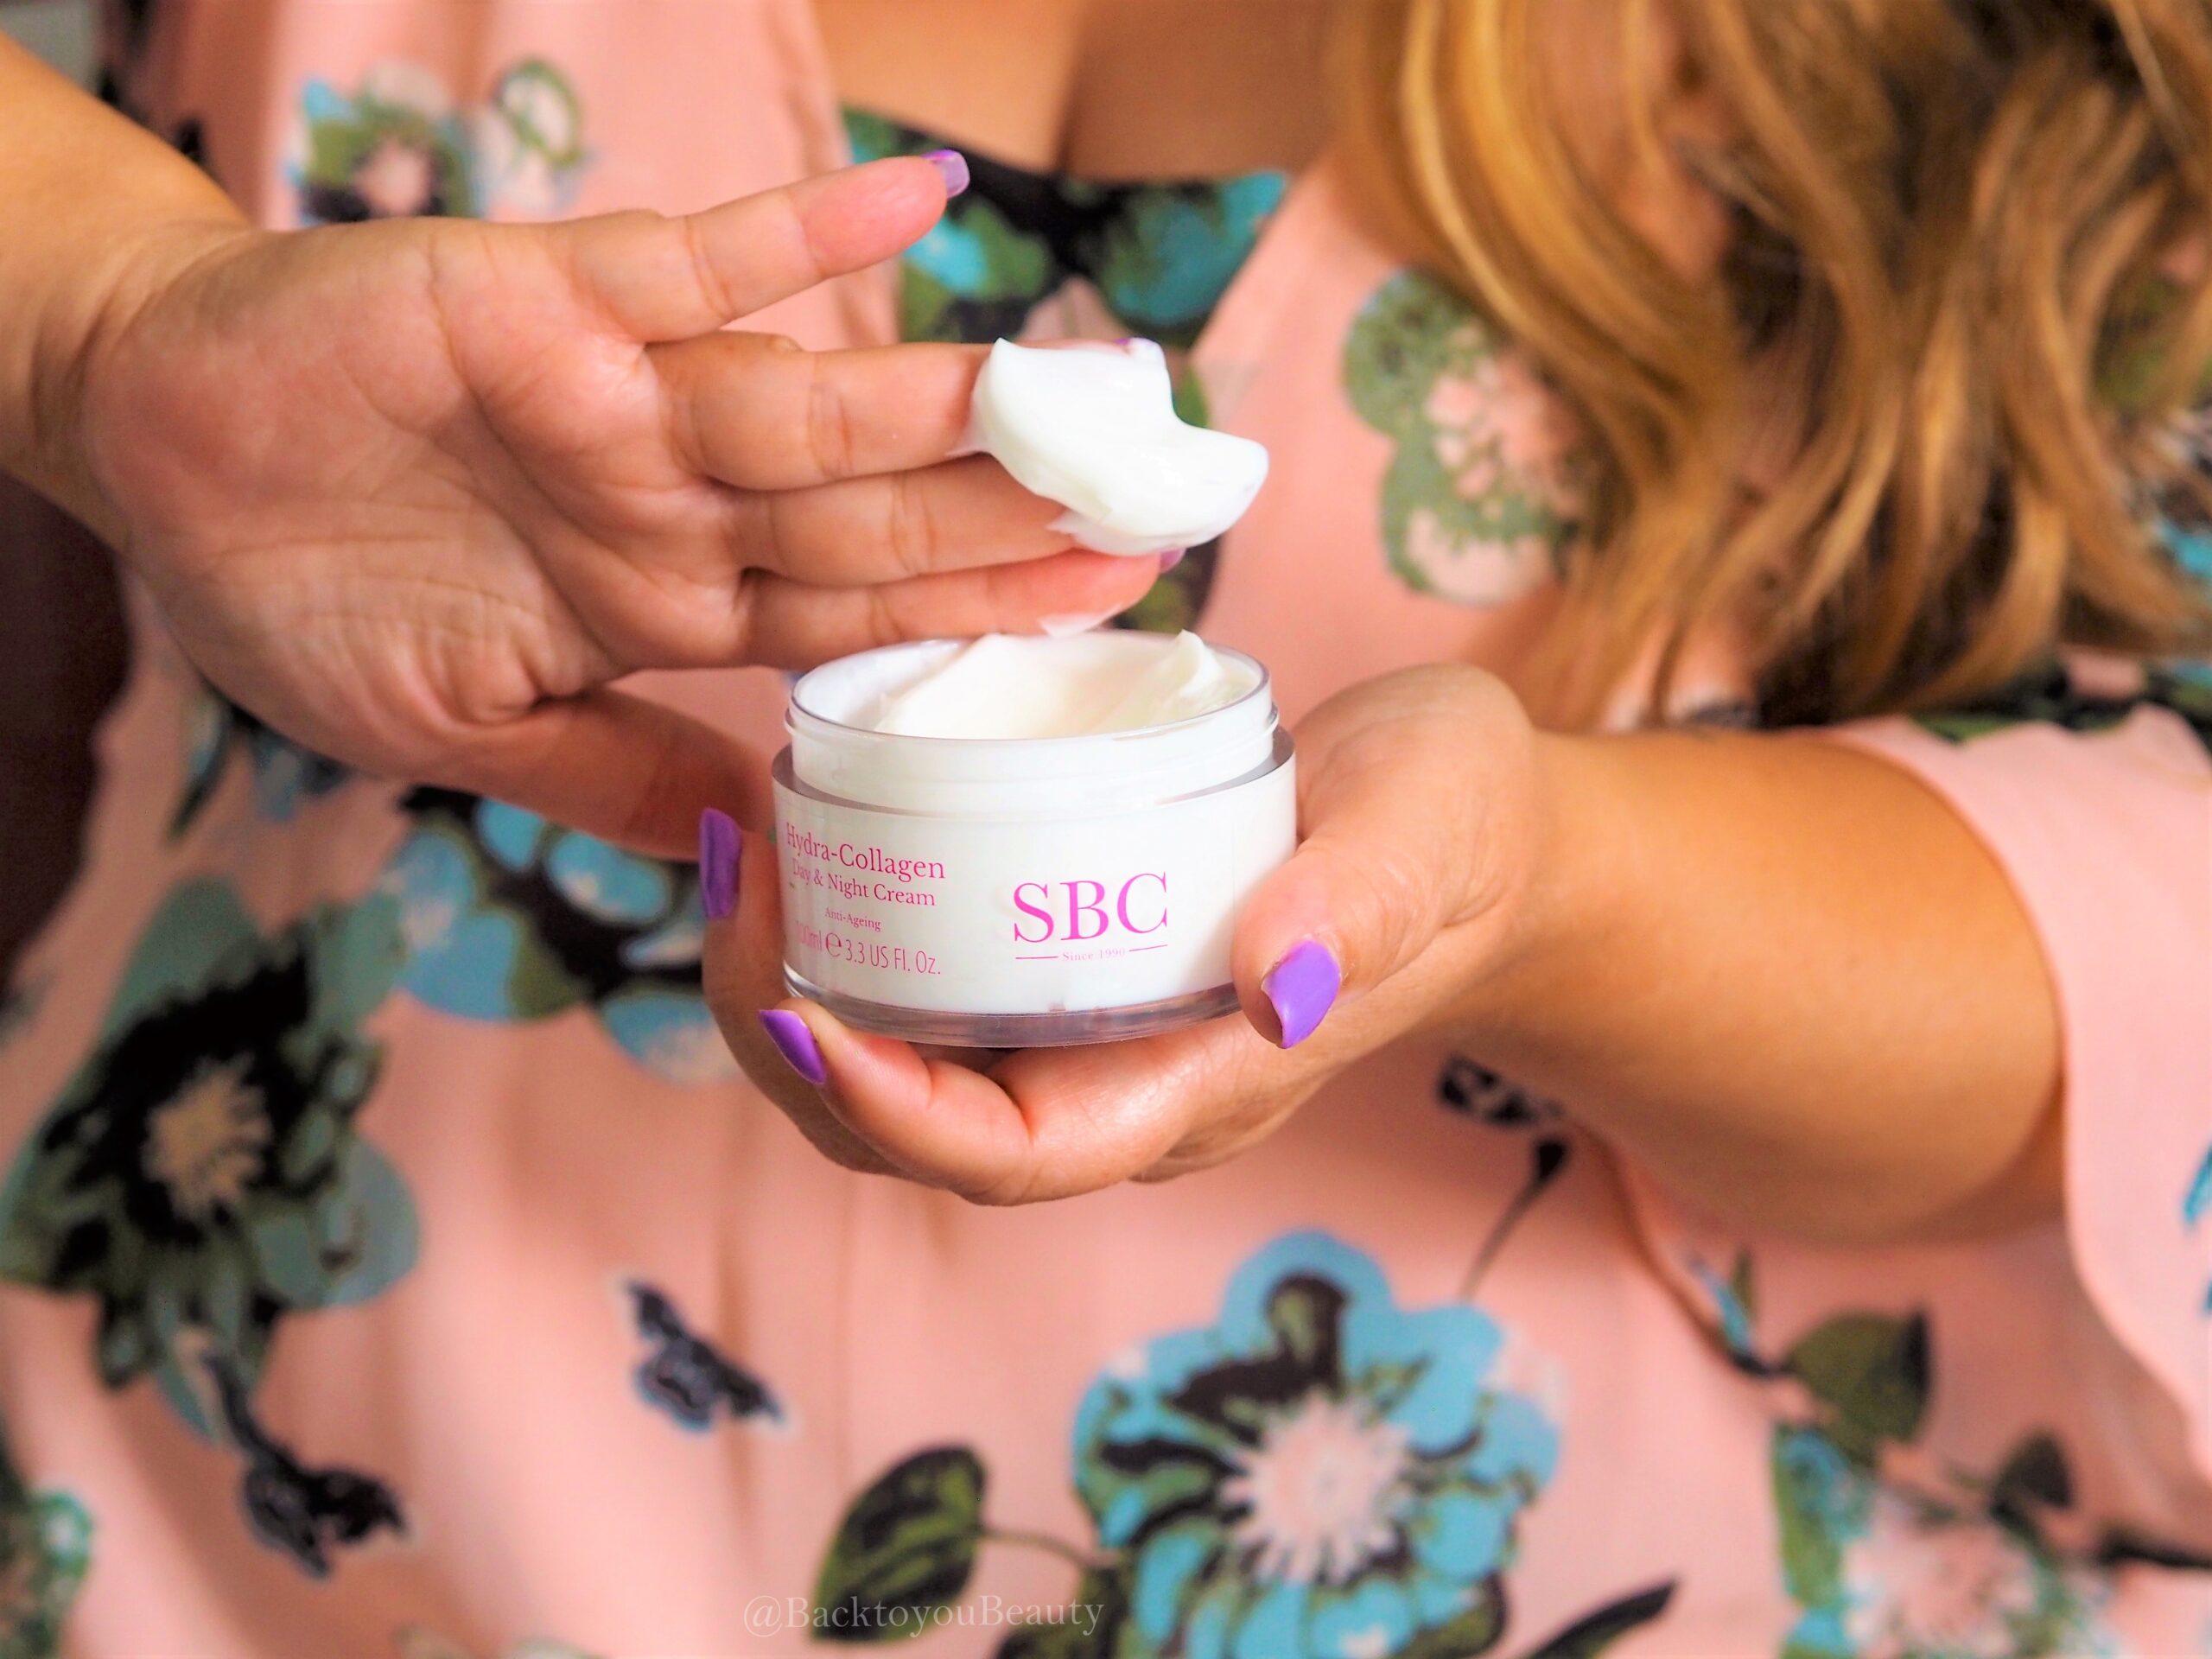 Hydra Collagen Day & Night Cream